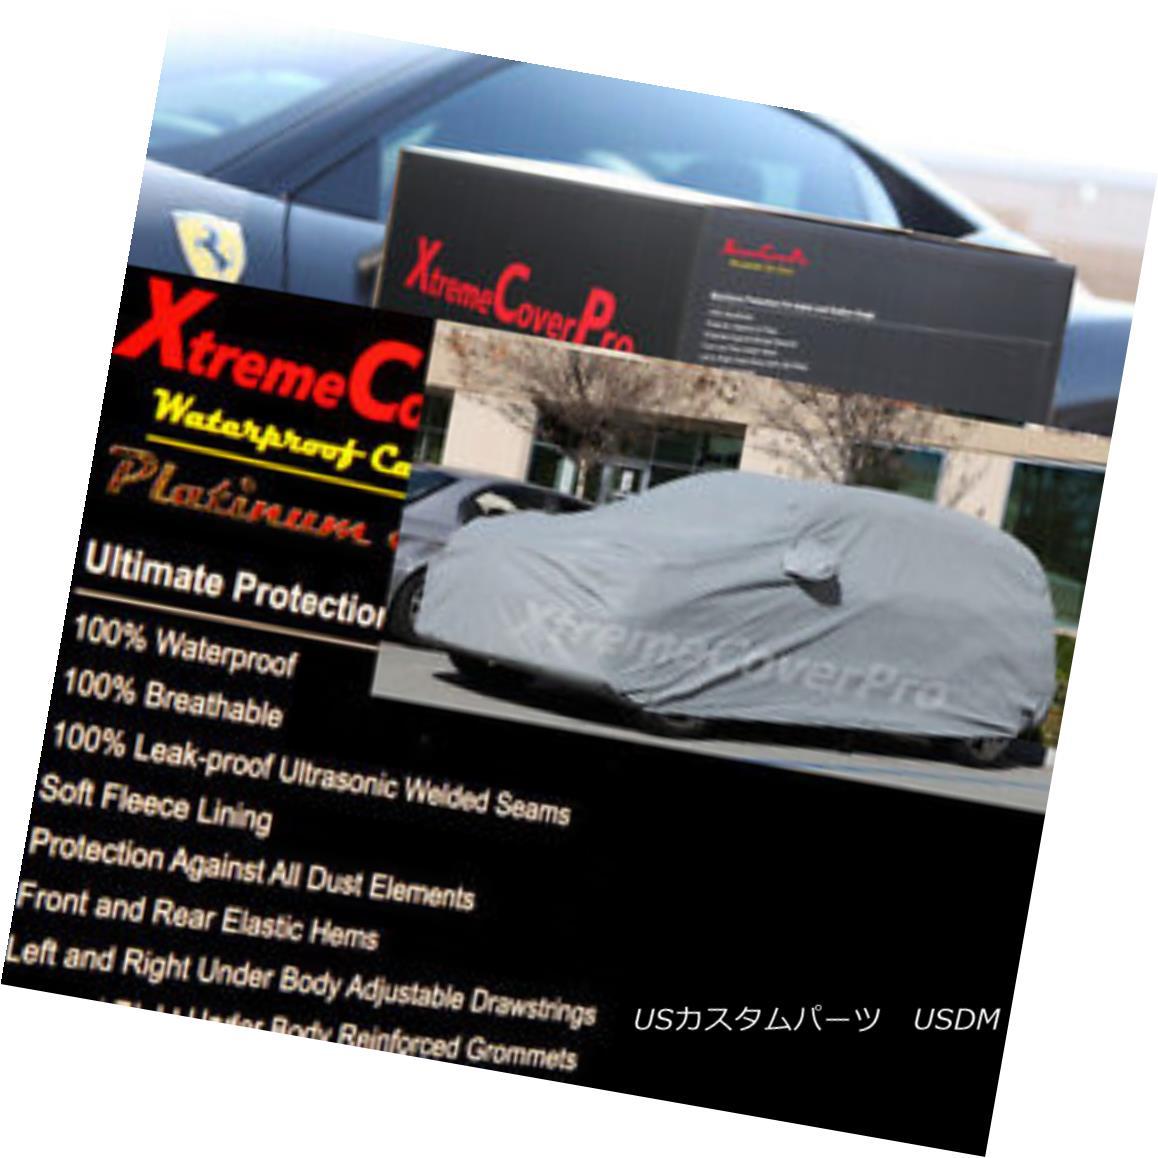 カーカバー 2014 CHRYSLER TOWN & COUNTRY Waterproof Car Cover w/ Mirror Pocket 2014 CHRYSLER TOWN& COUNTRYミラーポケット付防水カーカバー